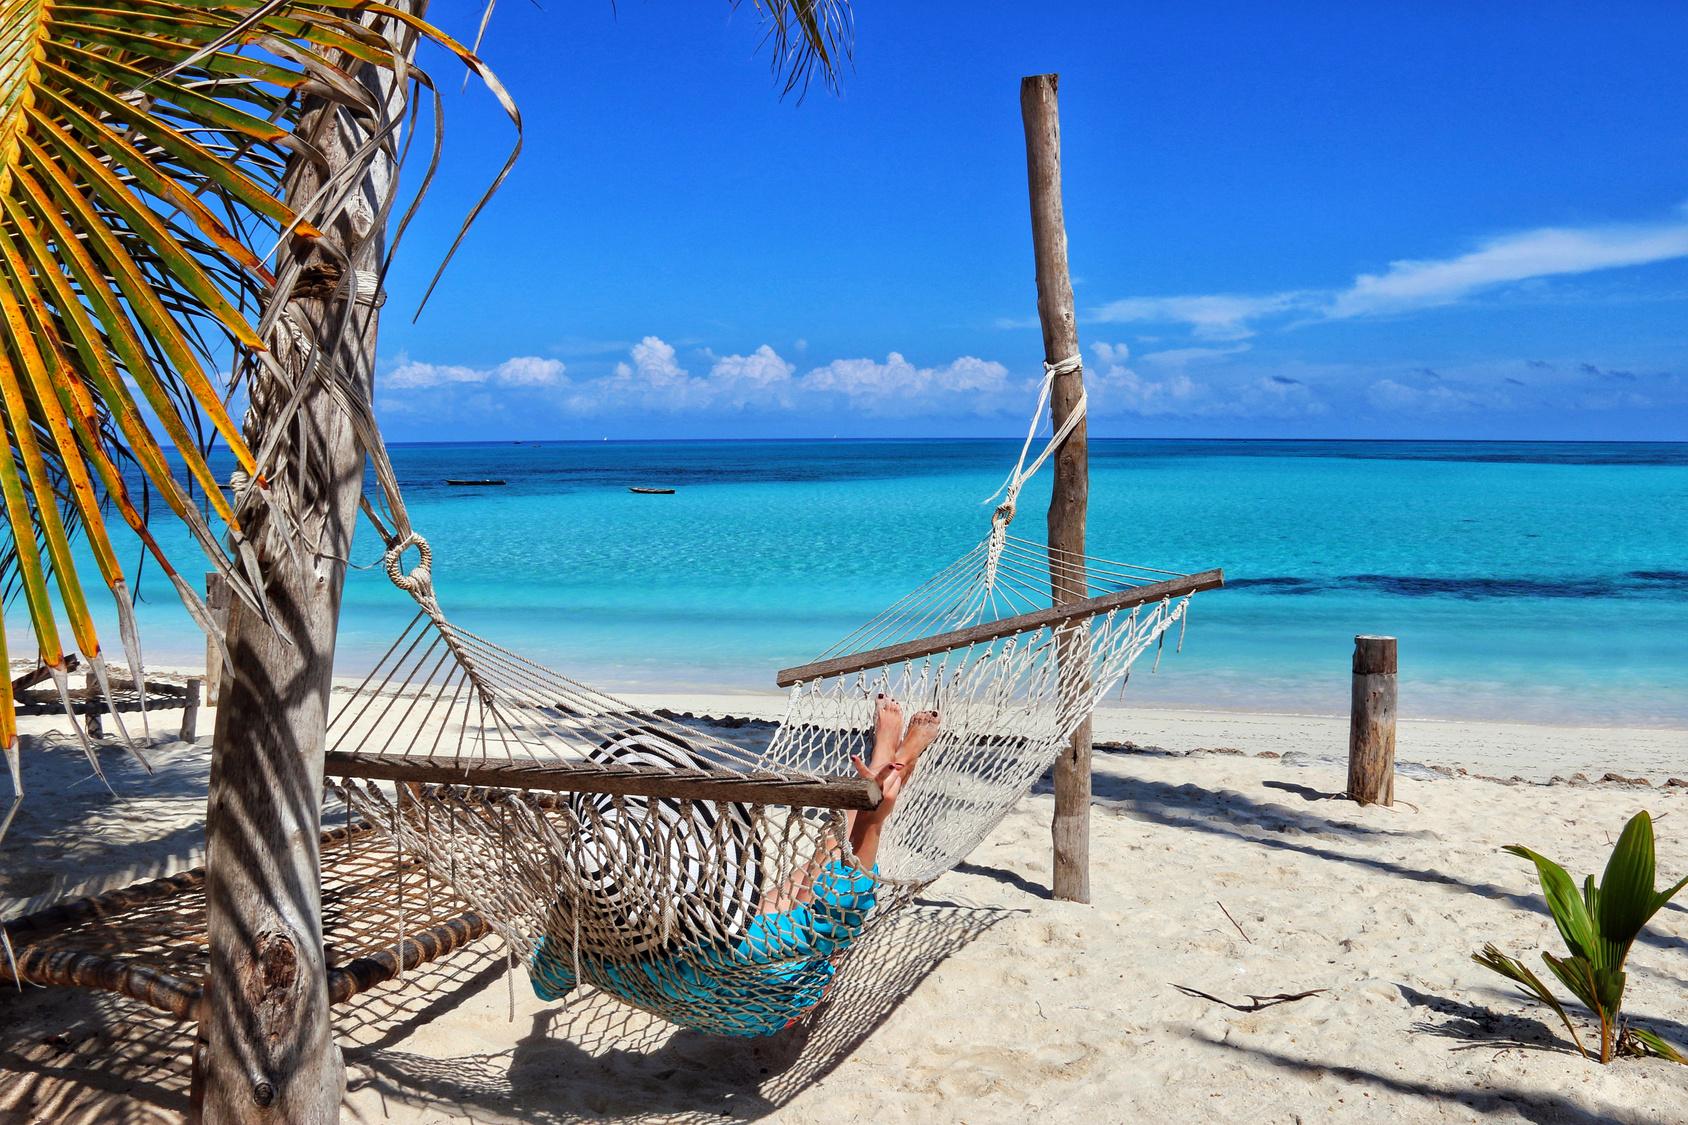 Pomysły na egzotyczny urlop Last Minute!